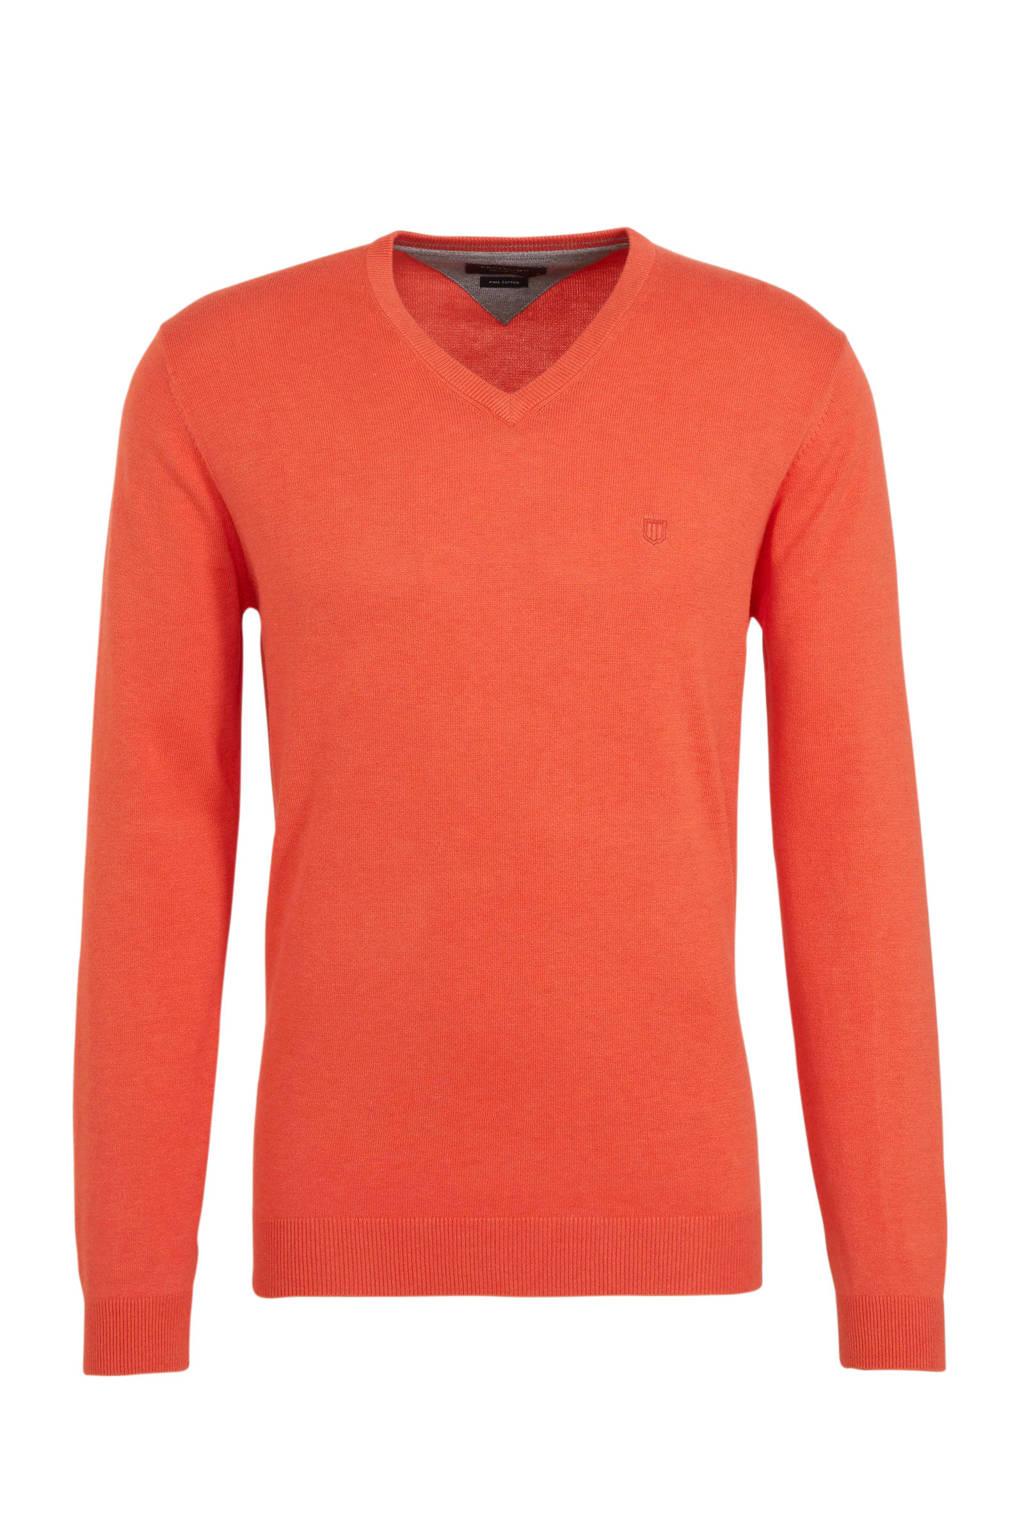 Profuomo fijngebreide trui oranje, Oranje